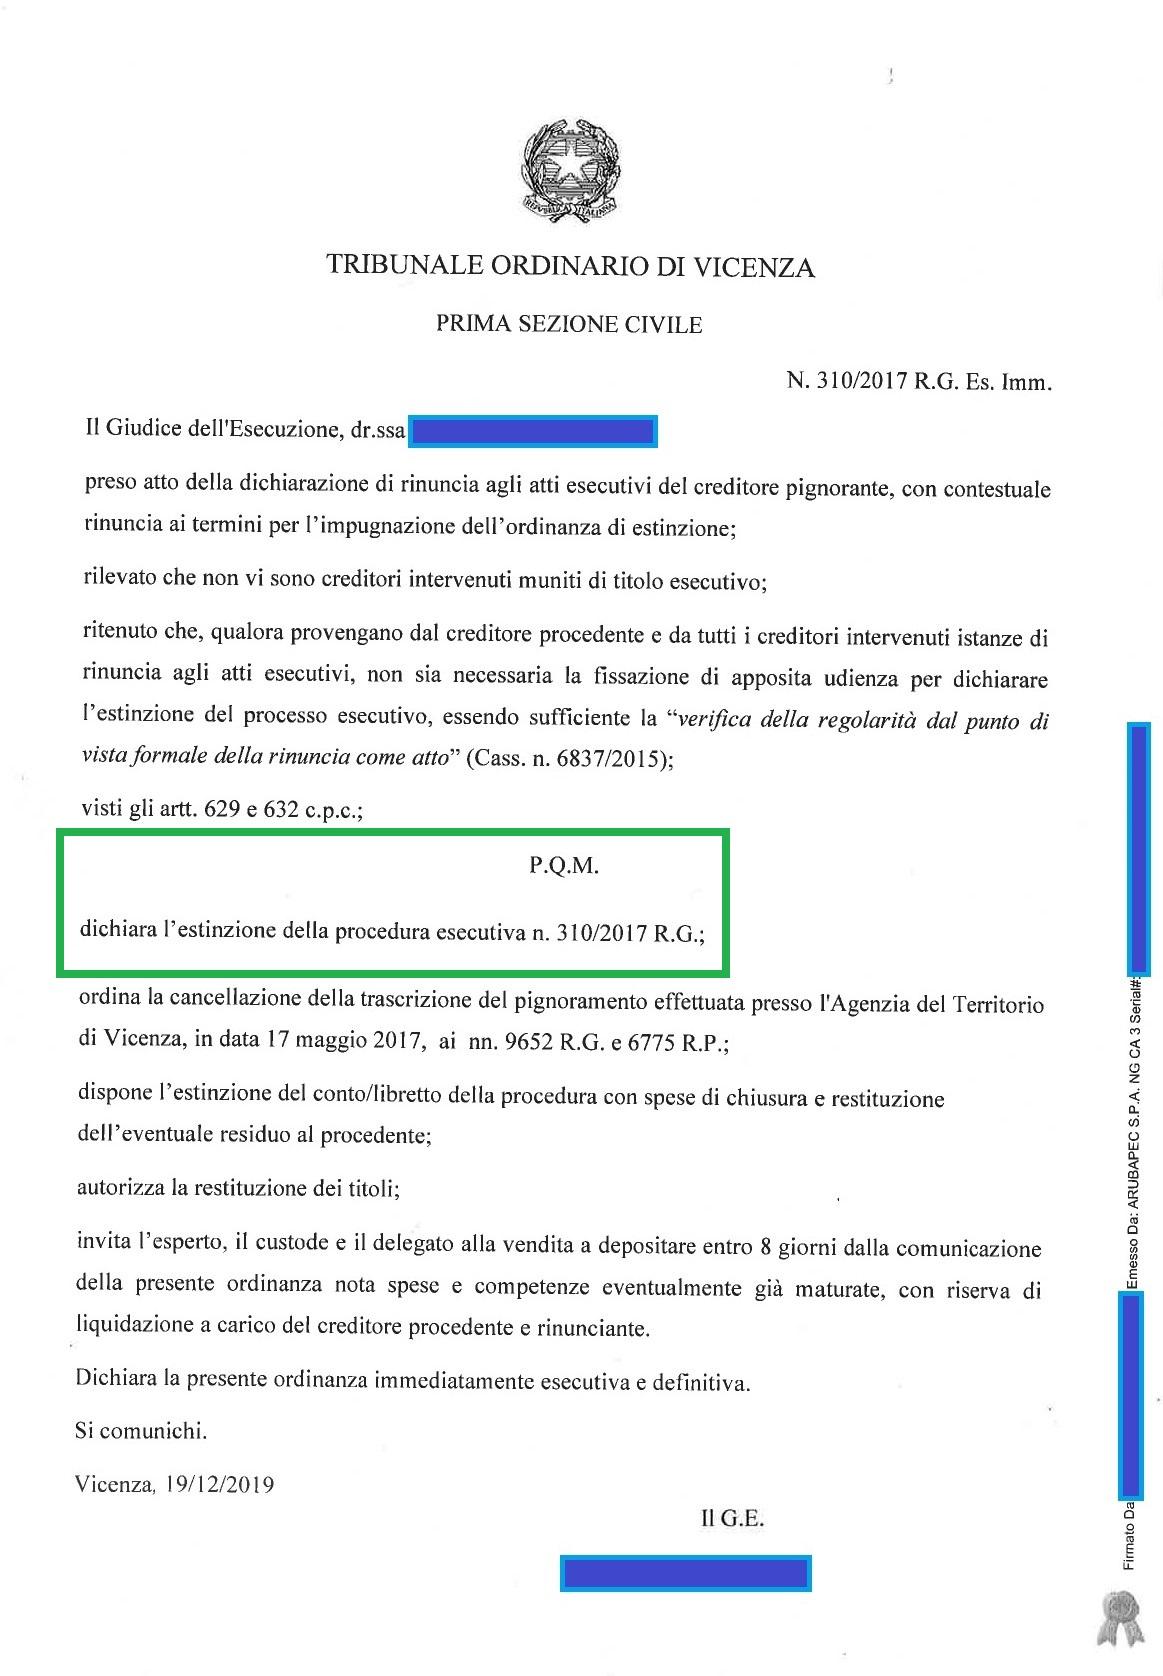 PROVV ESTINZIONE proced RGE 310-2017_page-0001